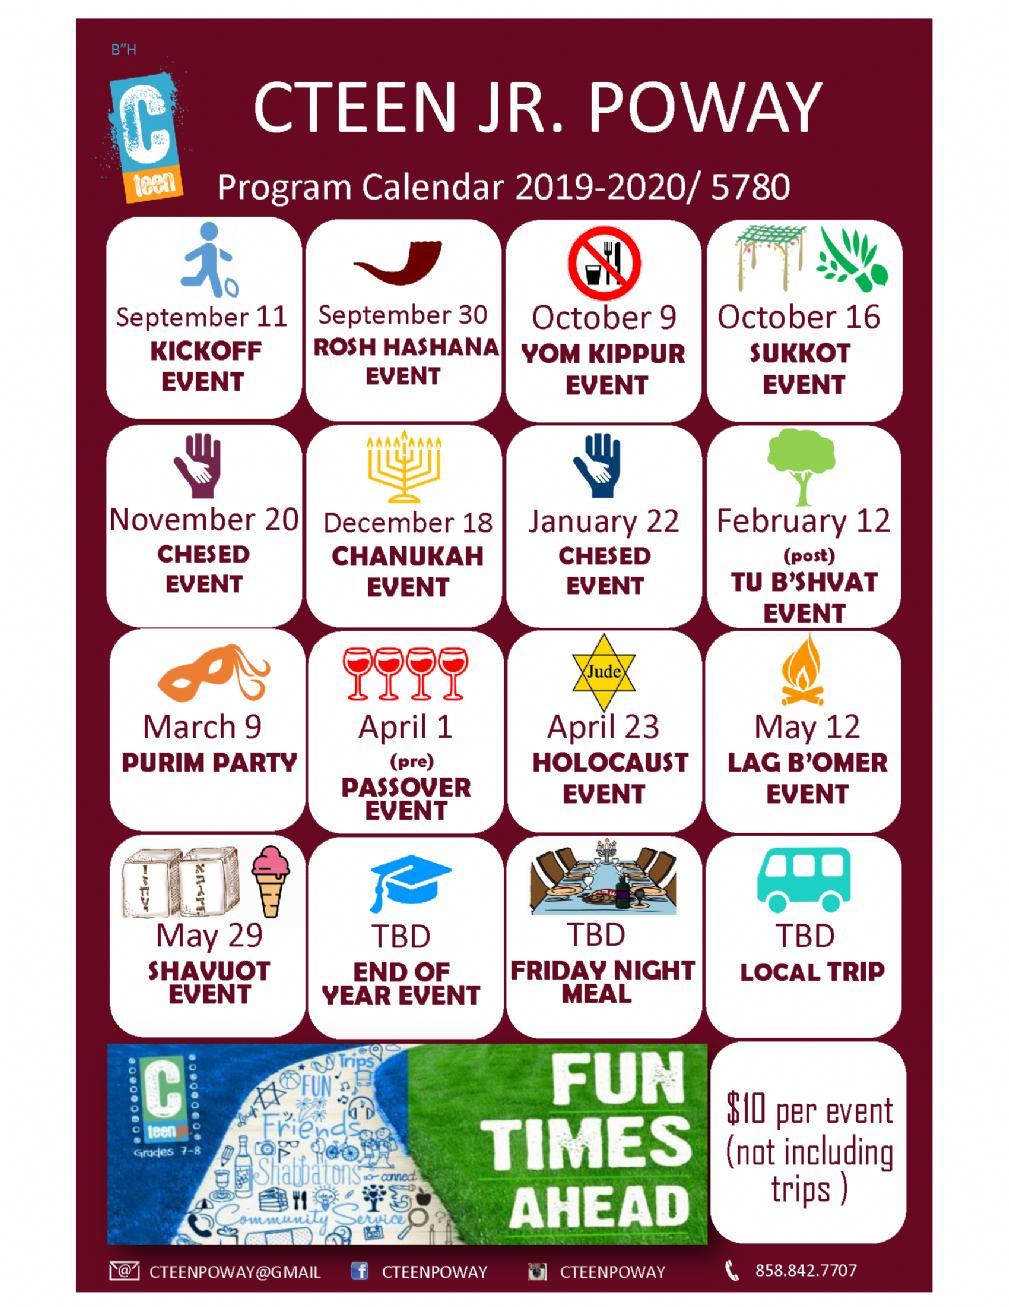 CalendarFinal cteen jr 2019 finaLL_Page_2.png